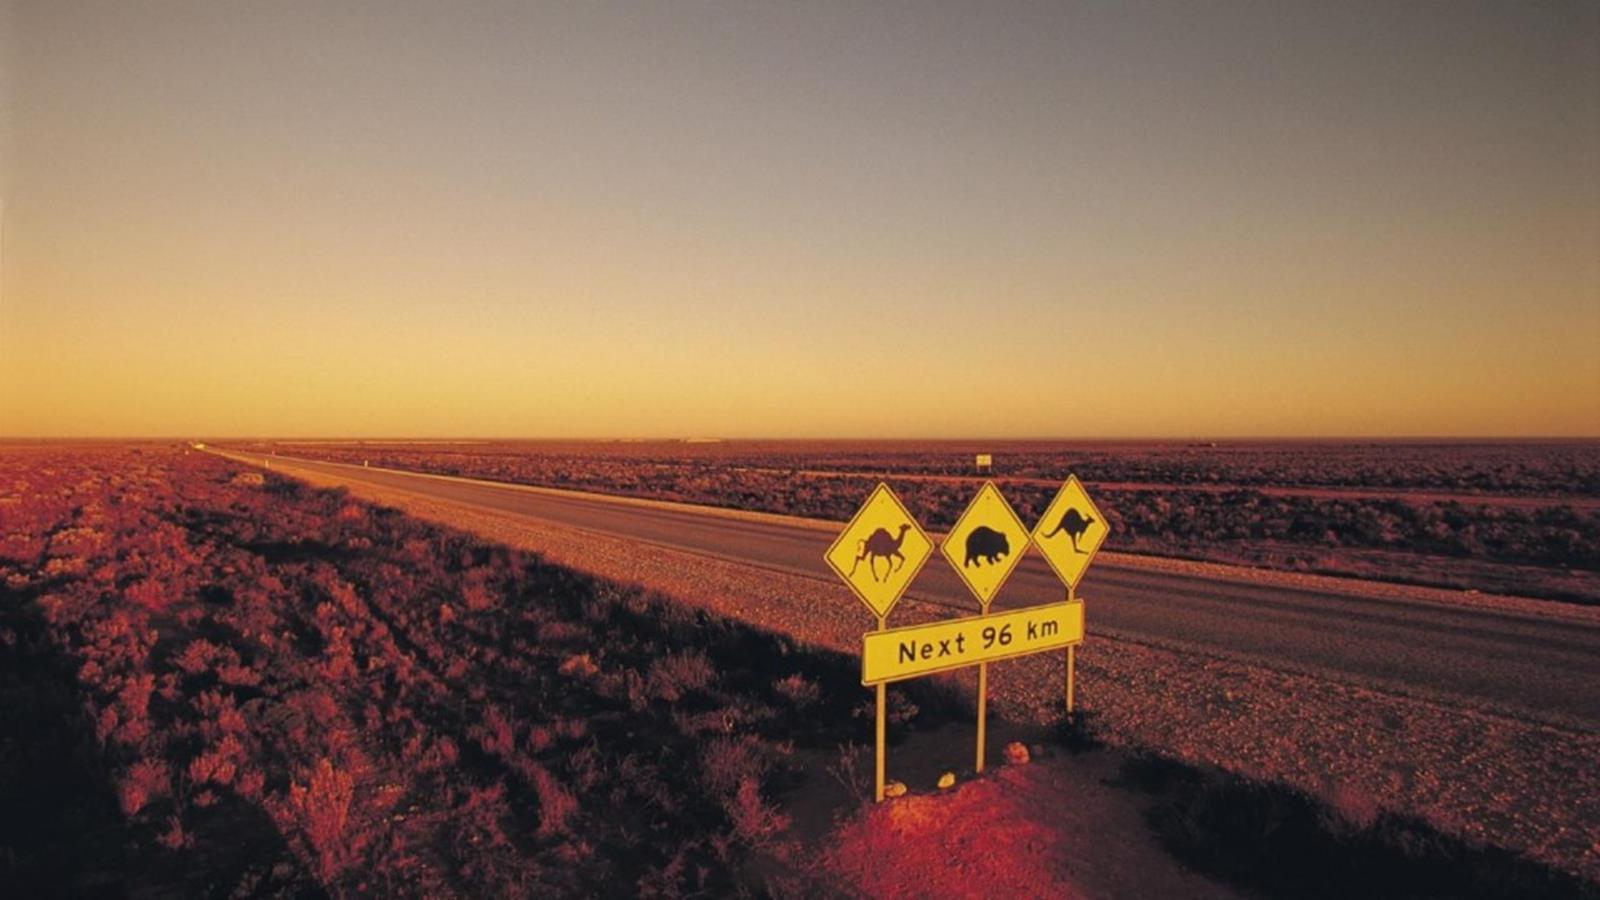 Credit http://www.australia.com/content/australia/en/itineraries/crossing-nullarbor/jcr:content/hero/image.adapt.1663.medium.jpg